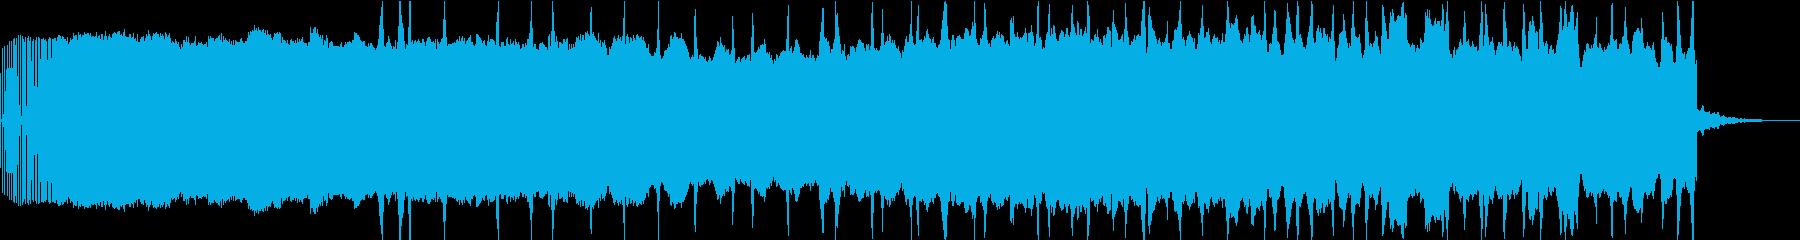 【ライザー】ピューンッッッ!!! 長尺の再生済みの波形